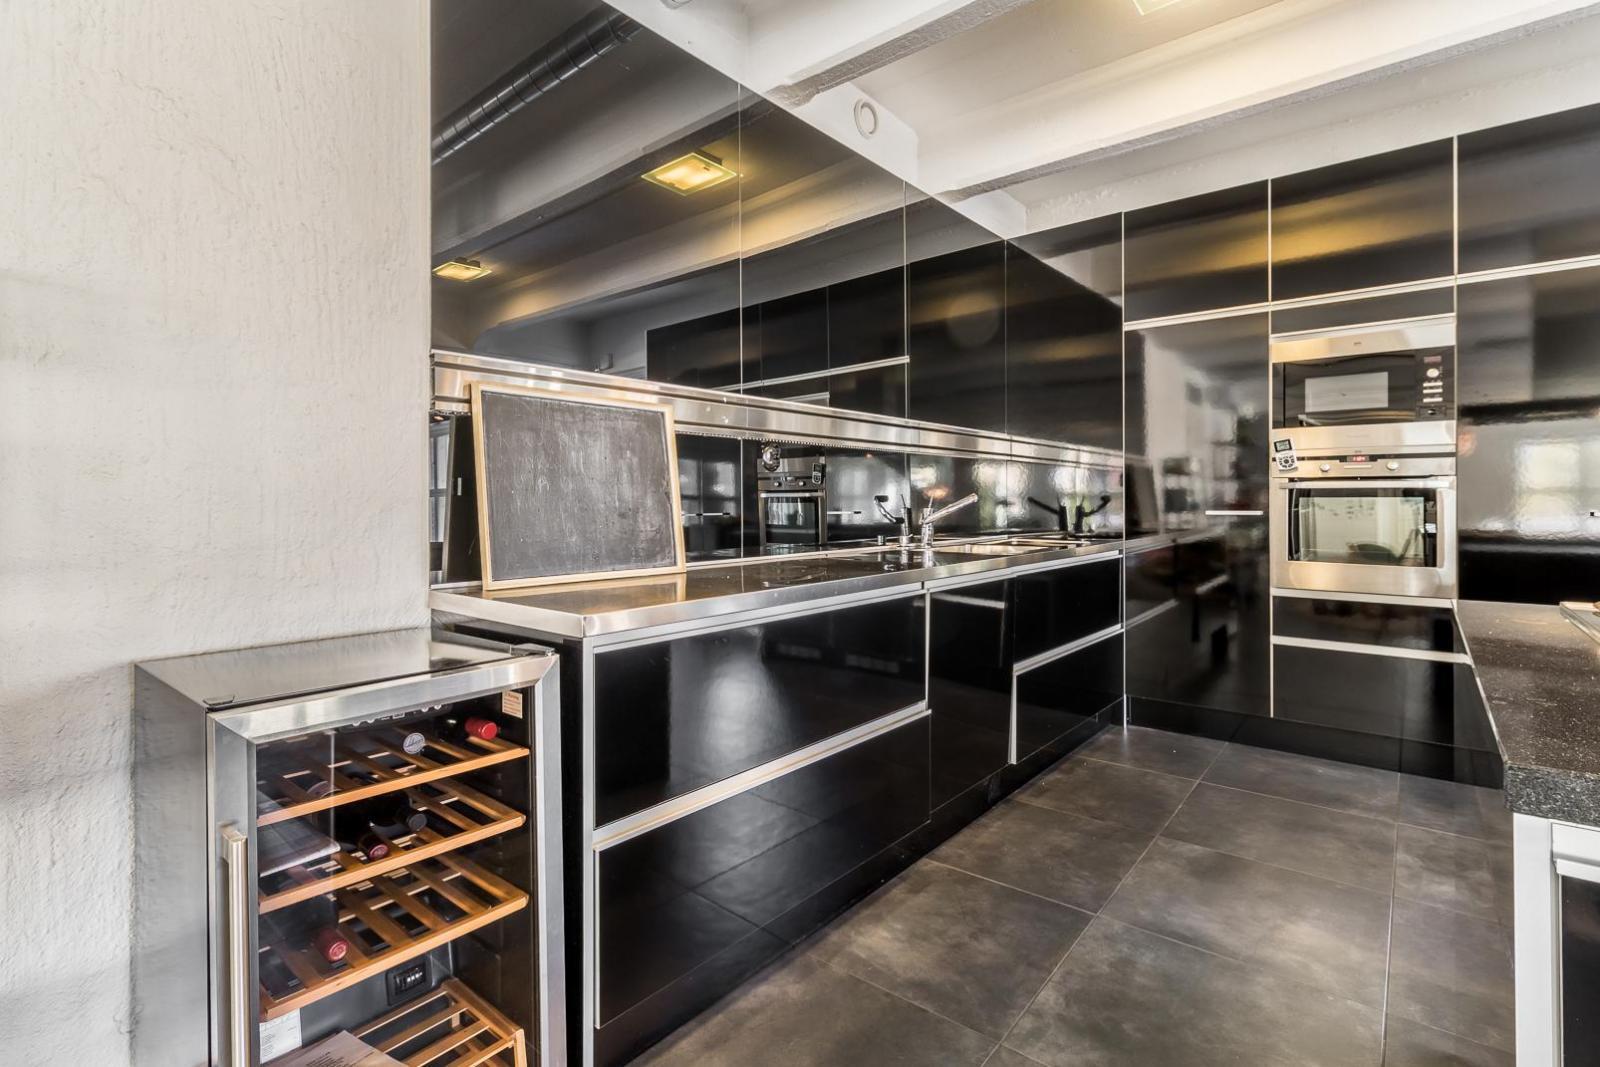 Moderni musta keittiö on loft asunnon sydän  Etuovi com Ideat & vinkit